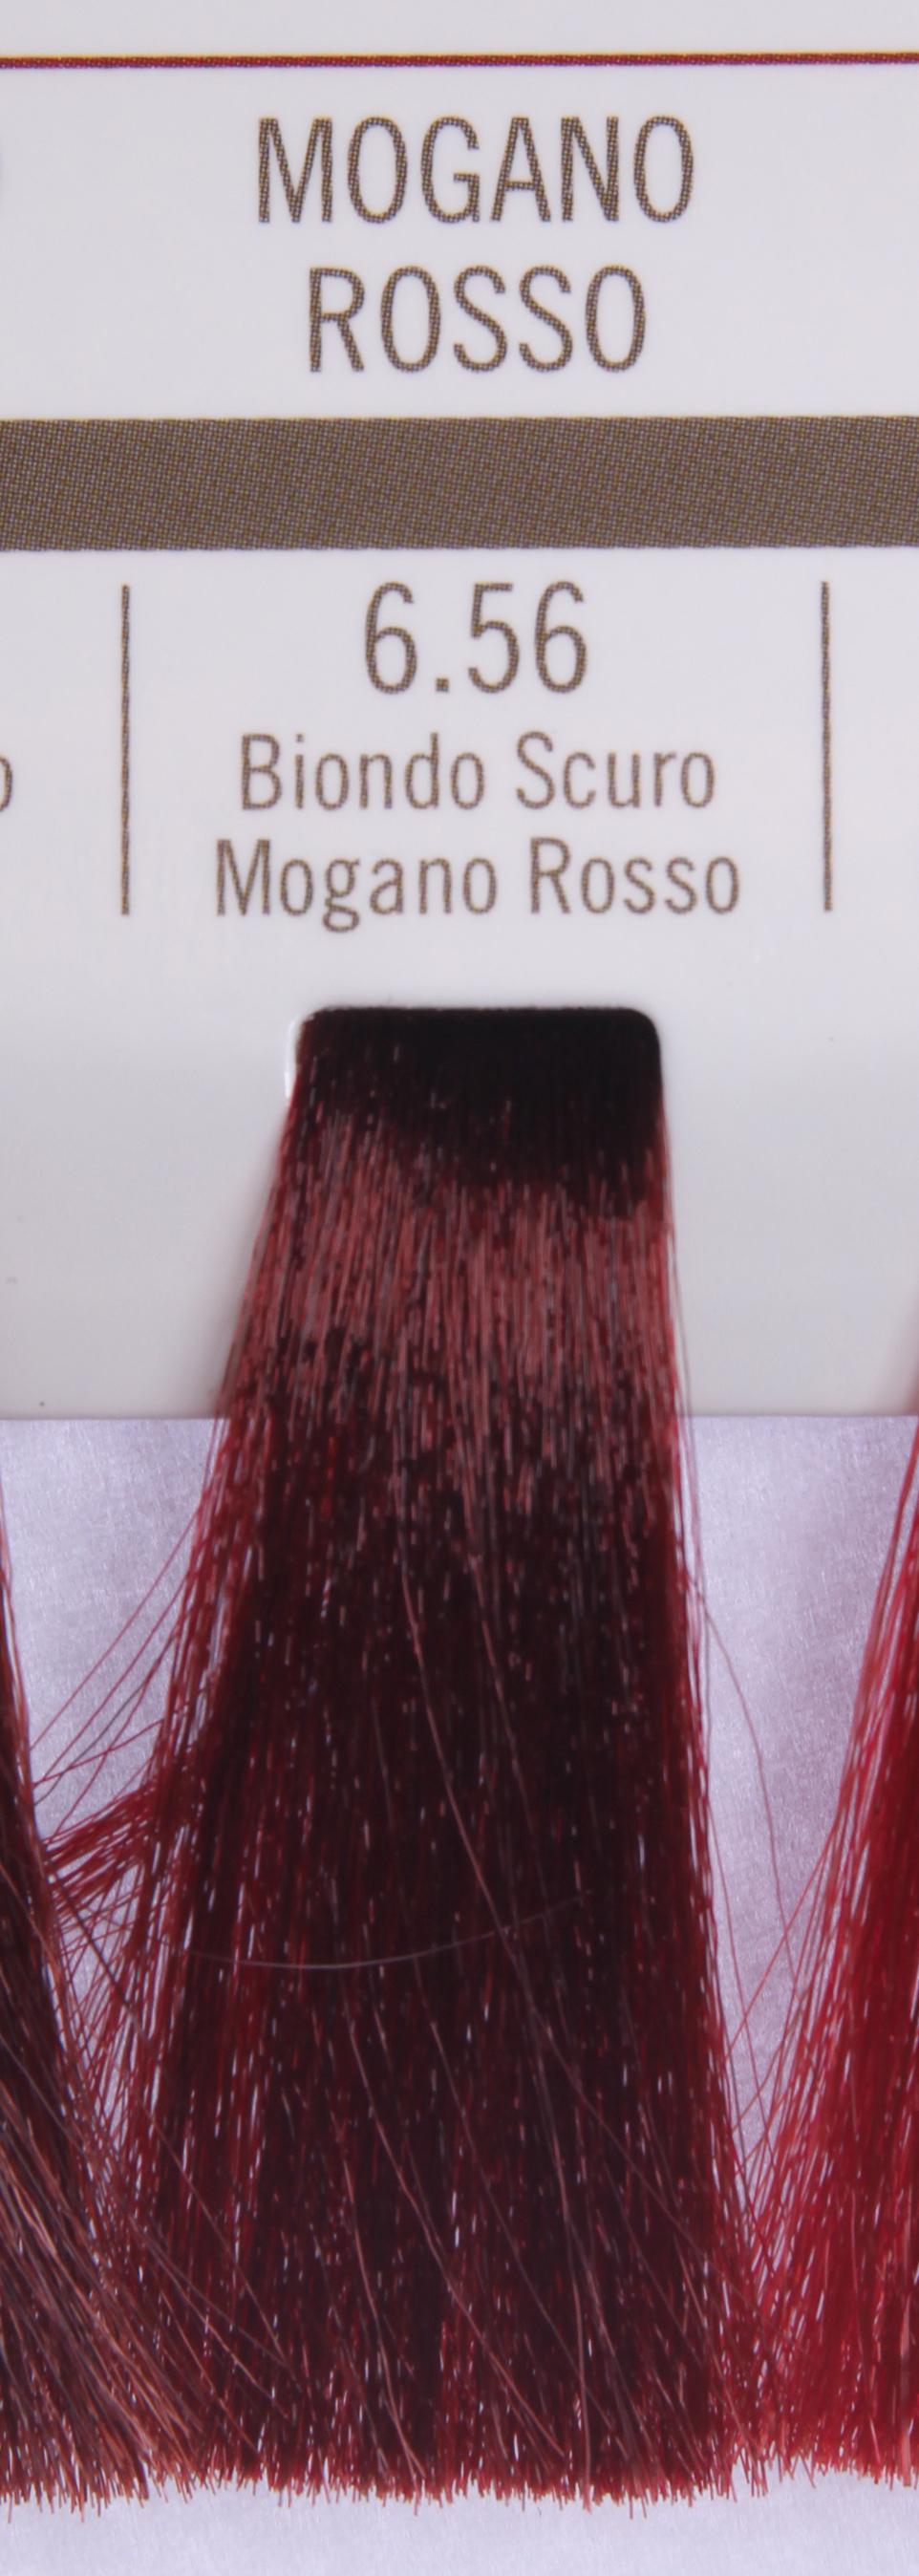 BAREX 6.56 краска для волос / PERMESSE 100млКраски<br>Оттенок: Темный блондин махагоново-красный. Профессиональная крем-краска Permesse отличается низким содержанием аммиака - от 1 до 1,5%. Обеспечивает блестящий и натуральный косметический цвет, 100% покрытие седых волос, идеальное осветление, стойкость и насыщенность цвета до следующего окрашивания. Комплекс сертифицированных органических пептидов M4, входящих в состав, действует с момента нанесения, увлажняя волосы, придавая им прочность и защиту. Пептиды избирательно оседают в самых поврежденных участках волоса, восстанавливая и защищая их. Масло карите оказывает смягчающее и успокаивающее действие. Комплекс пептидов и масло карите стимулируют проникновение пигментов вглубь структуры волоса, придавая им здоровый вид, блеск и долговечность косметическому цвету. Активные ингредиенты:&amp;nbsp;Сертифицированные органические пептиды М4 - пептиды овса, бразильского ореха, сои и пшеницы, объединенные в полифункциональный комплекс, придающий прочность окрашенным волосам, увлажняющий и защищающий их. Сертифицированное органическое масло карите (масло ши) - богато жирными кислотами, экстрагируется из ореха африканского дерева карите. Оказывает смягчающий и целебный эффект на кожу и волосы, широко применяется в косметической индустрии. Масло карите защищает волосы от неблагоприятного воздействия внешней среды, интенсивно увлажняет кожу и волосы, т.к. обладает высокой степенью абсорбции, не забивает поры. Способ применения:&amp;nbsp;Крем-краска готовится в смеси с Молочком-оксигентом Permesse 10/20/30/40 объемов в соотношении 1:1 (например, 50 мл крем-краски + 50 мл молочка-оксигента). Молочко-оксигент работает в сочетании с крем-краской и гарантирует идеальное проявление краски. Тюбик крем-краски Permesse содержит 100 мл продукта, количество, достаточное для 2 полных нанесений. Всегда надевайте подходящие специальные перчатки перед подготовкой и нанесением краски. Подготавливайте смесь крем-краски и молочка-оксигента Perm